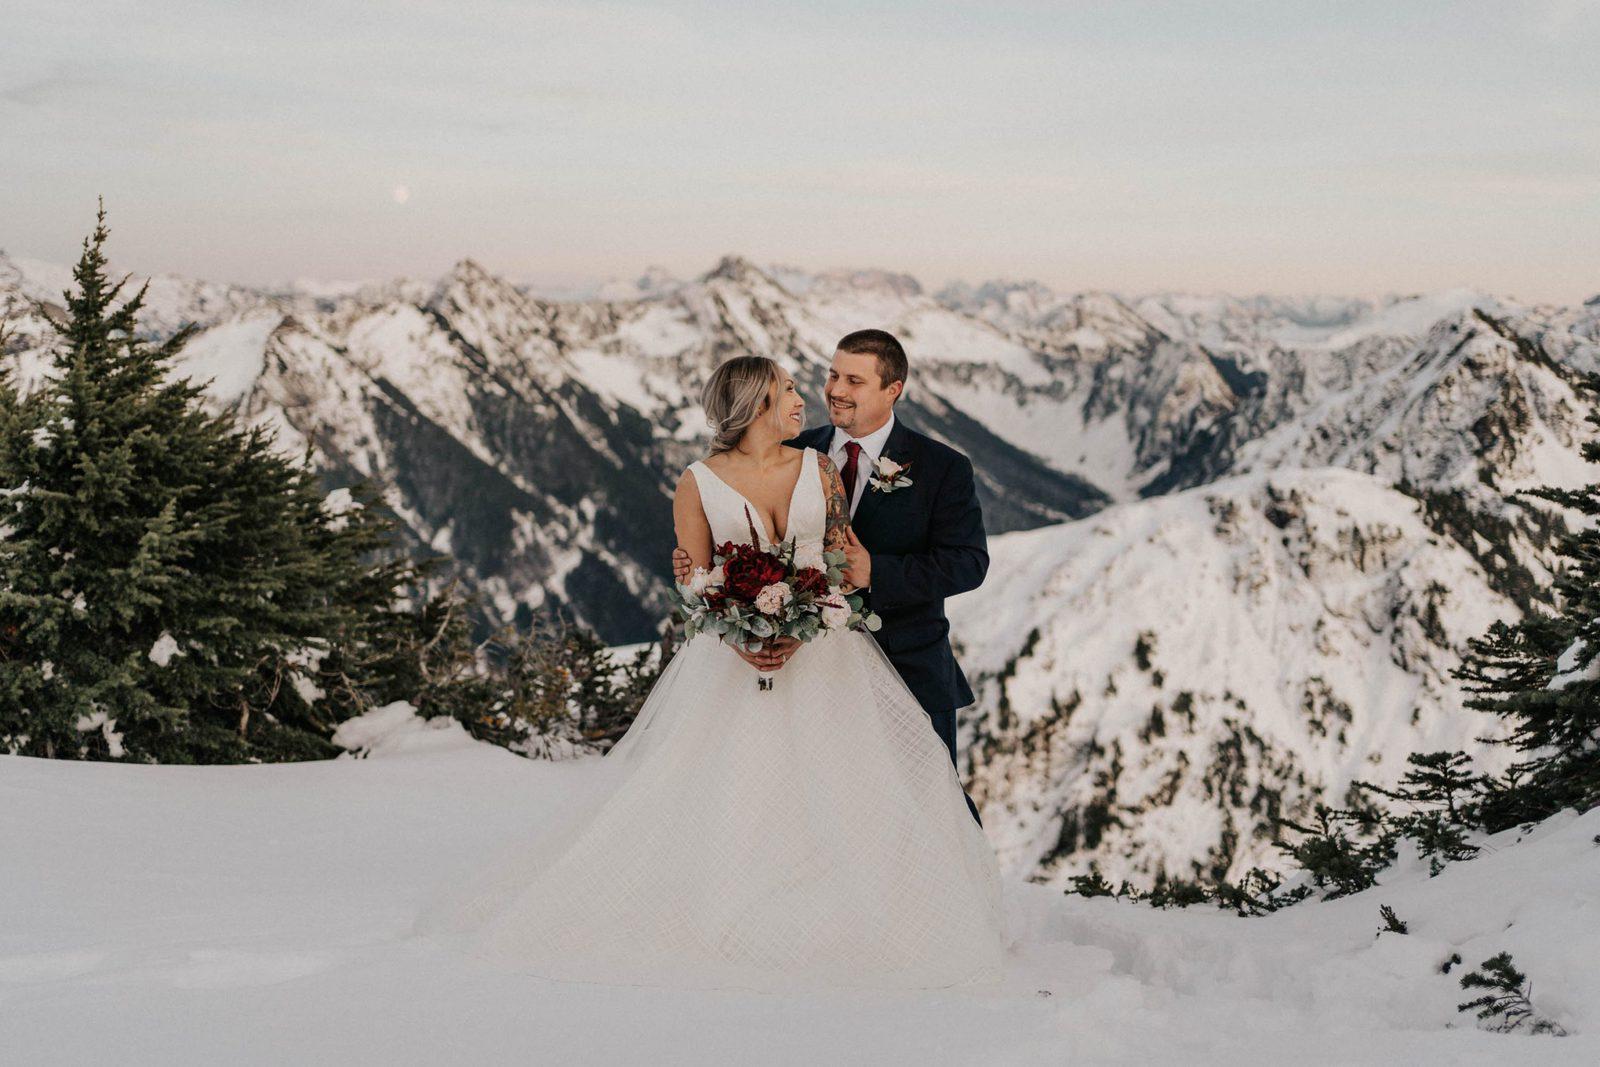 groom hugging bride from behind